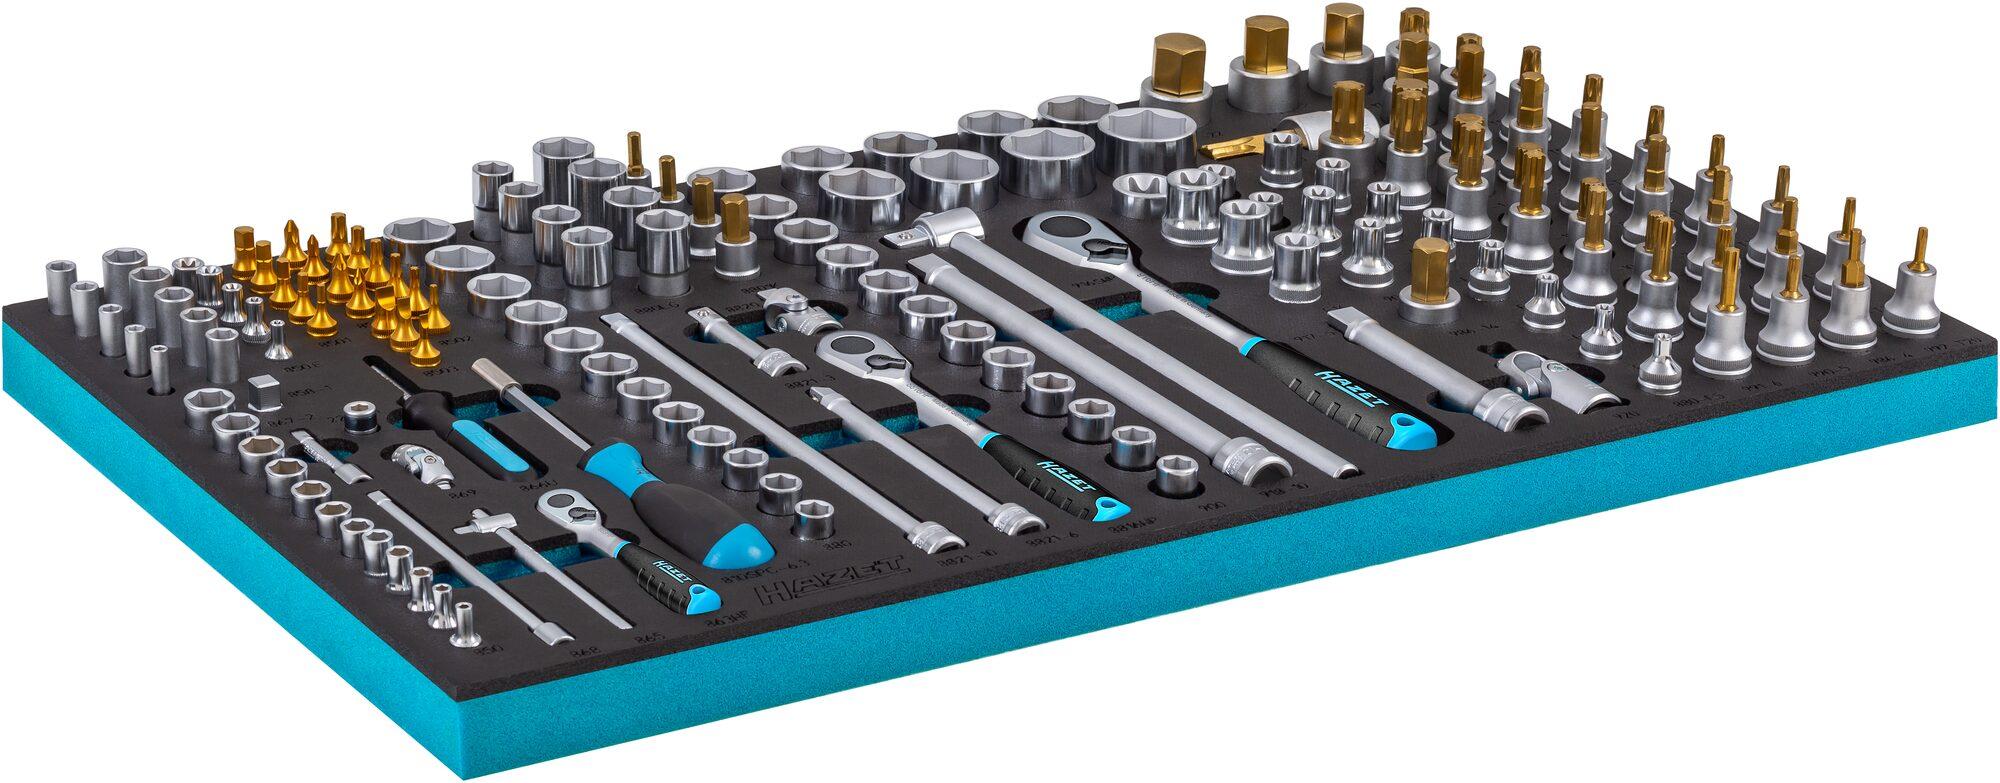 HAZET Steckschlüssel Satz 163-549/160 ∙ 3–32 ∙ E4–E24 ∙ T15–T60 ∙ Anzahl Werkzeuge: 160